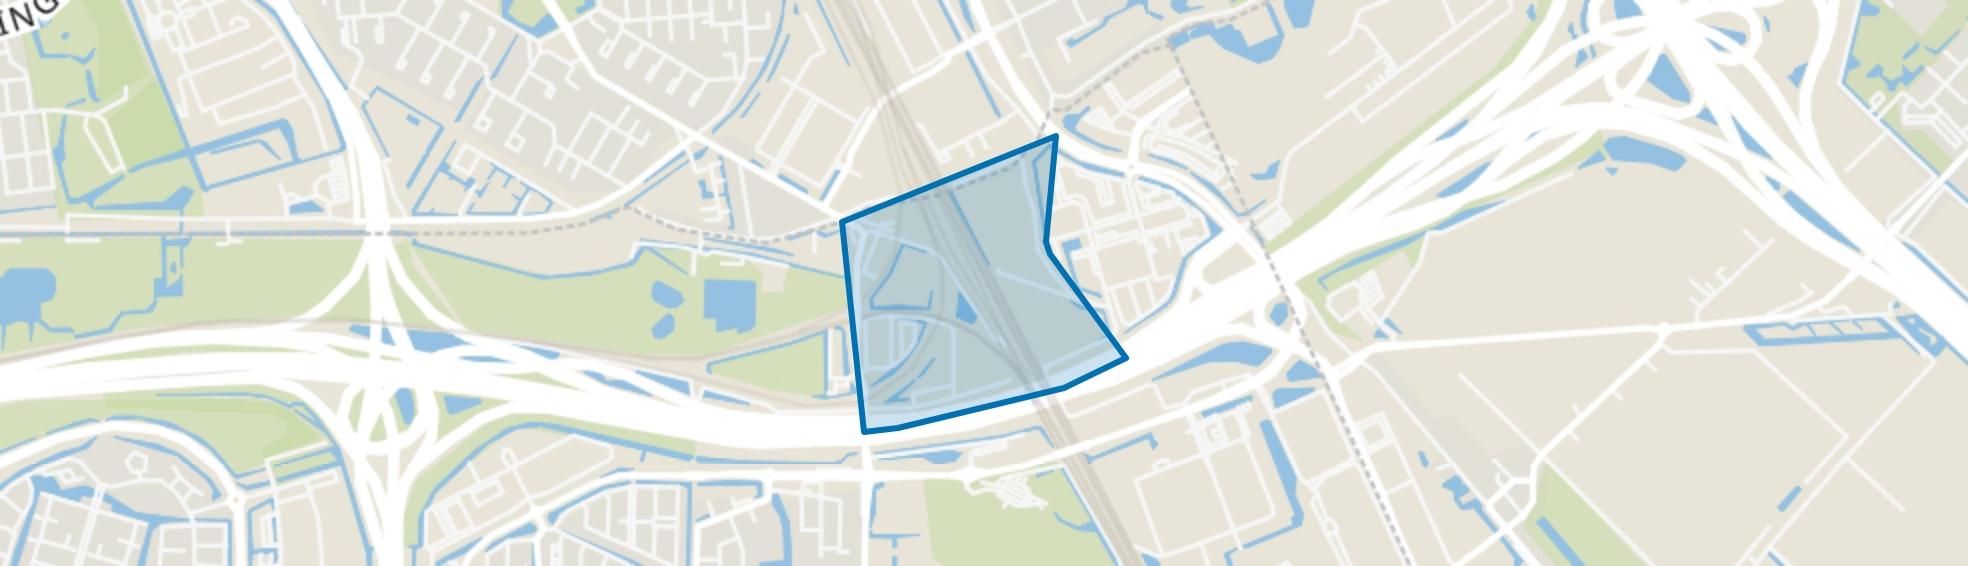 Dordtsestraatweg, Barendrecht map